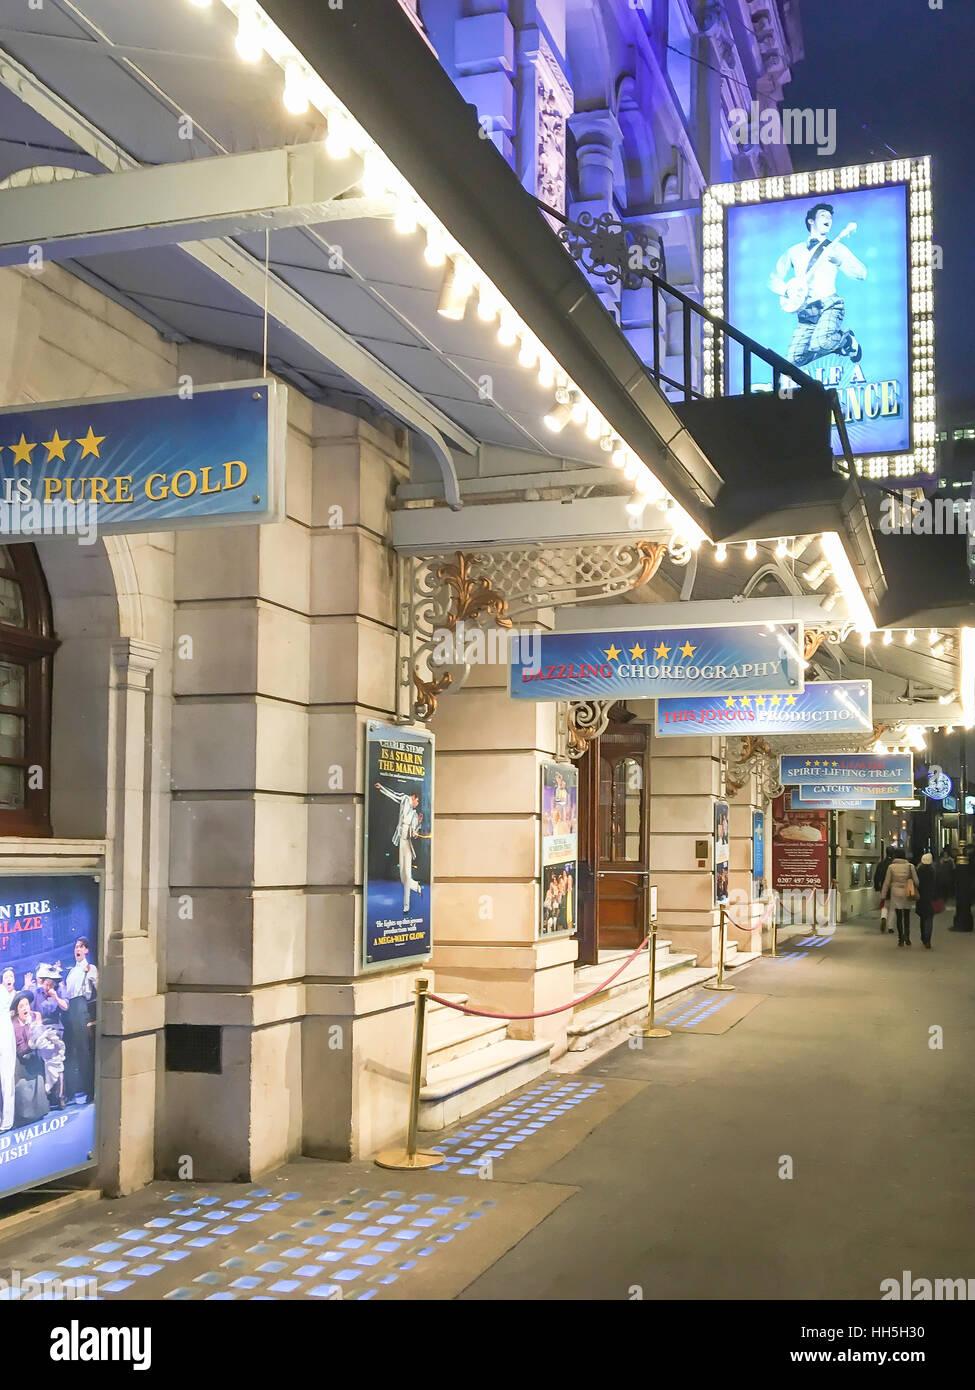 La moitié d'un Sixpence au Noel Coward Theatre, St Martin's Lane, West End, City of westminster, Greater Photo Stock